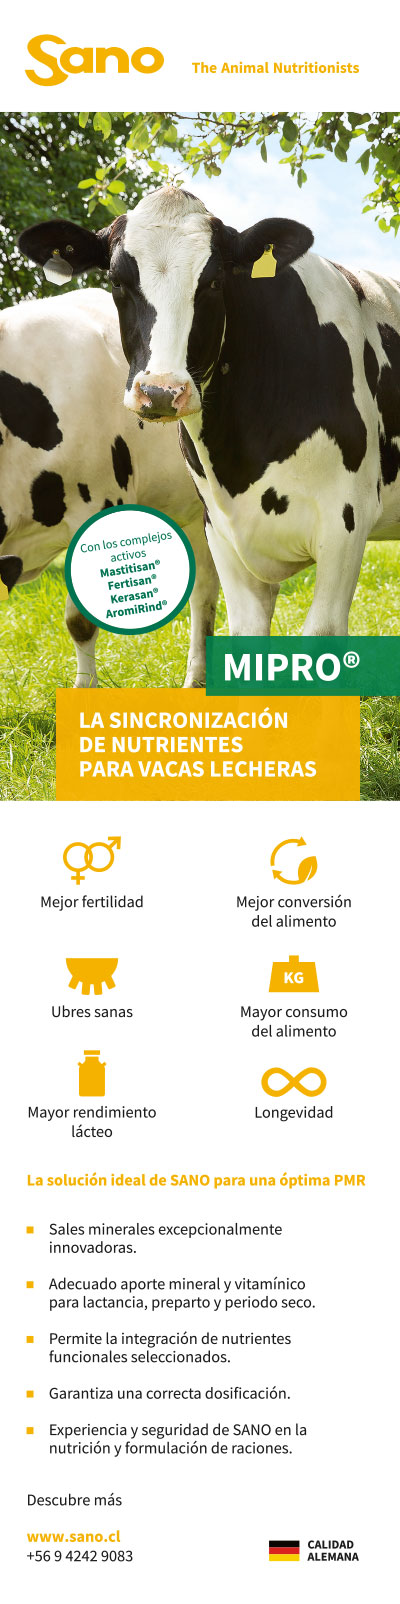 SANO - Anuncios Revista Infortambo - 3